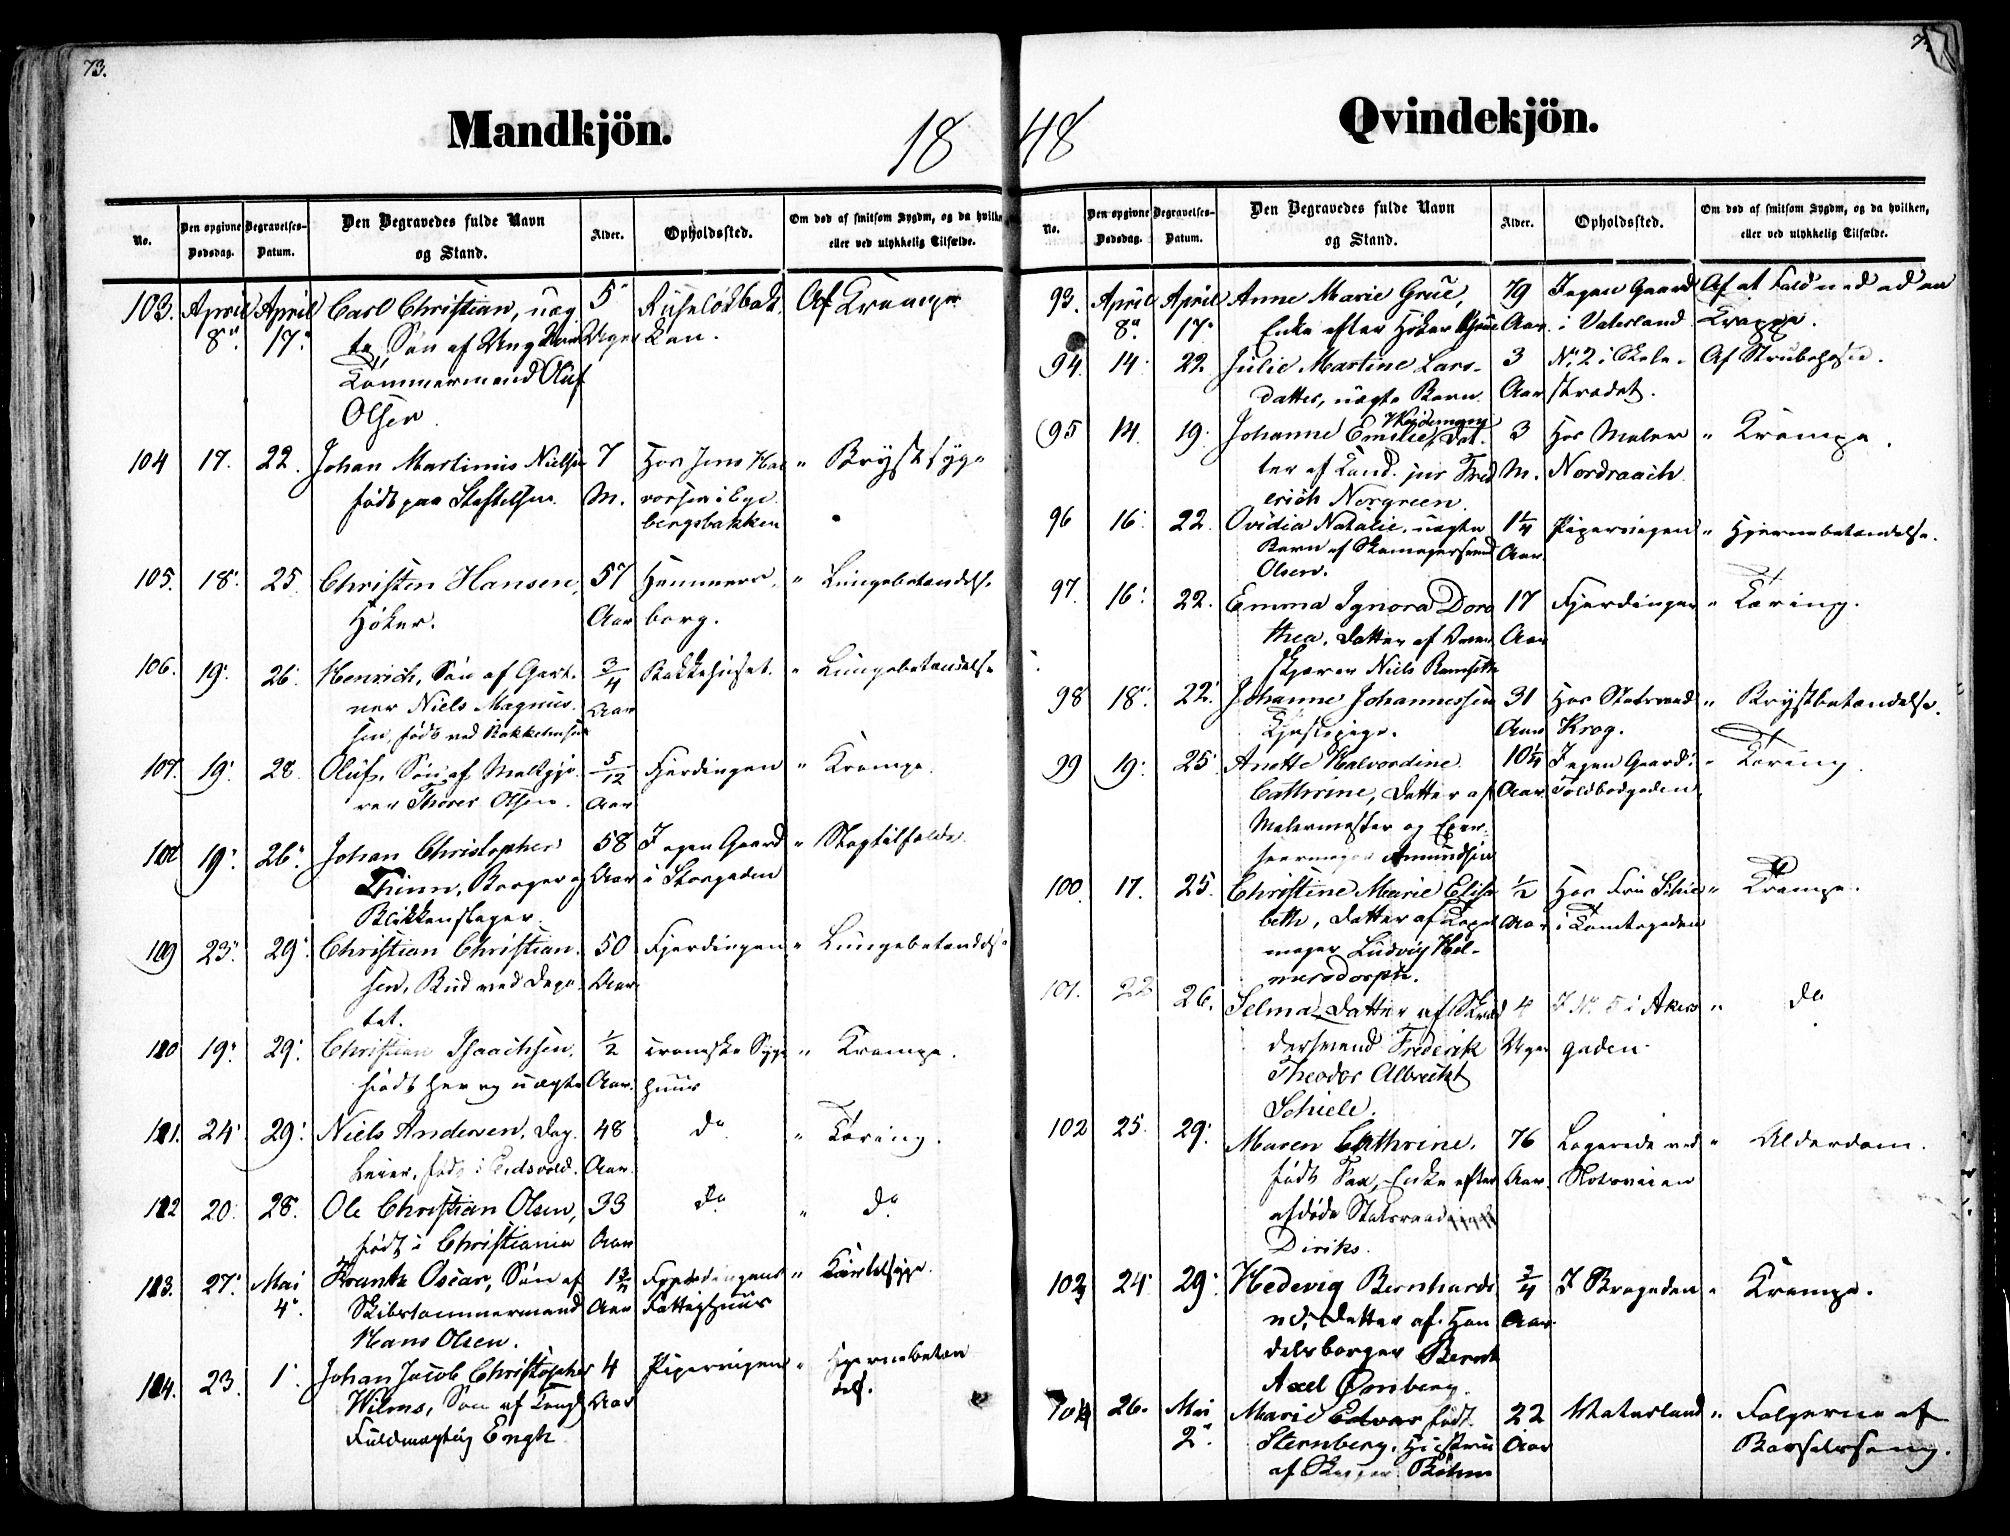 SAO, Oslo domkirke Kirkebøker, F/Fa/L0025: Ministerialbok nr. 25, 1847-1867, s. 73-74